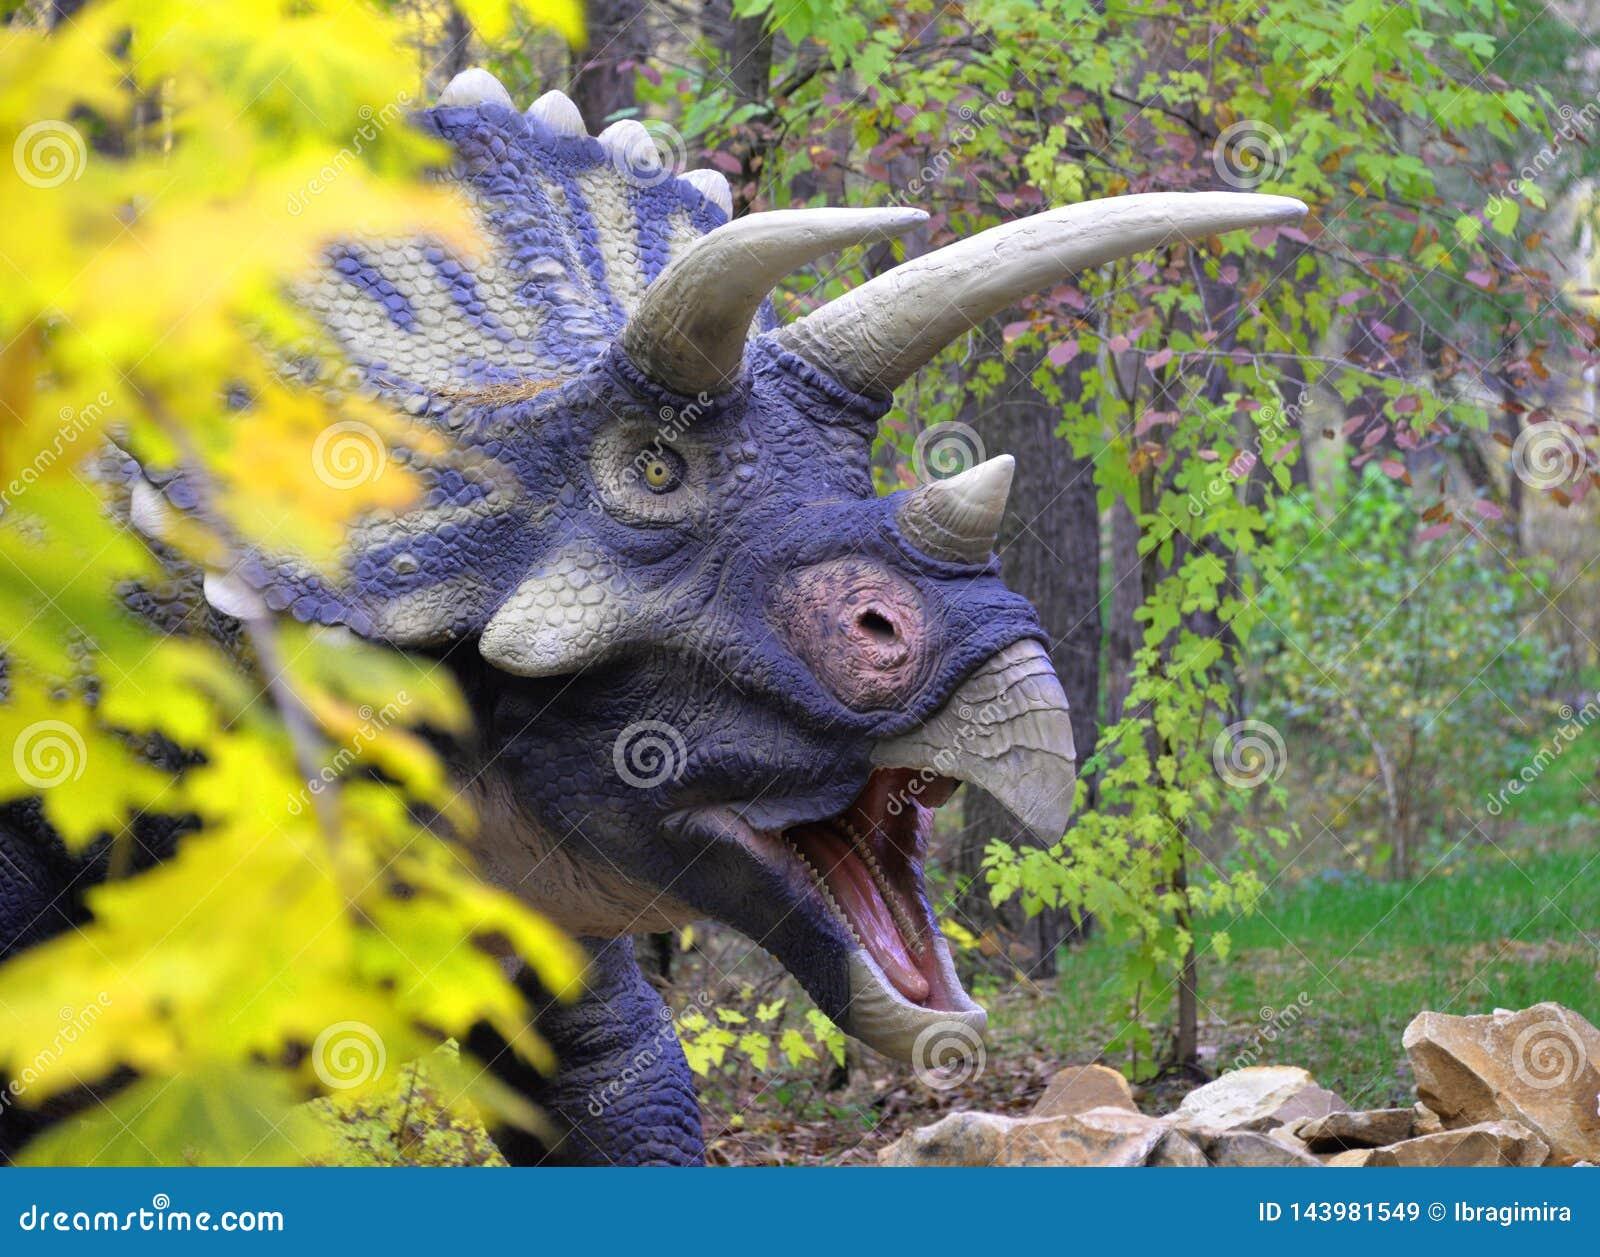 Den gulliga dinosaurietriceratopsen ser ut bakifrån en buske i en grön äng